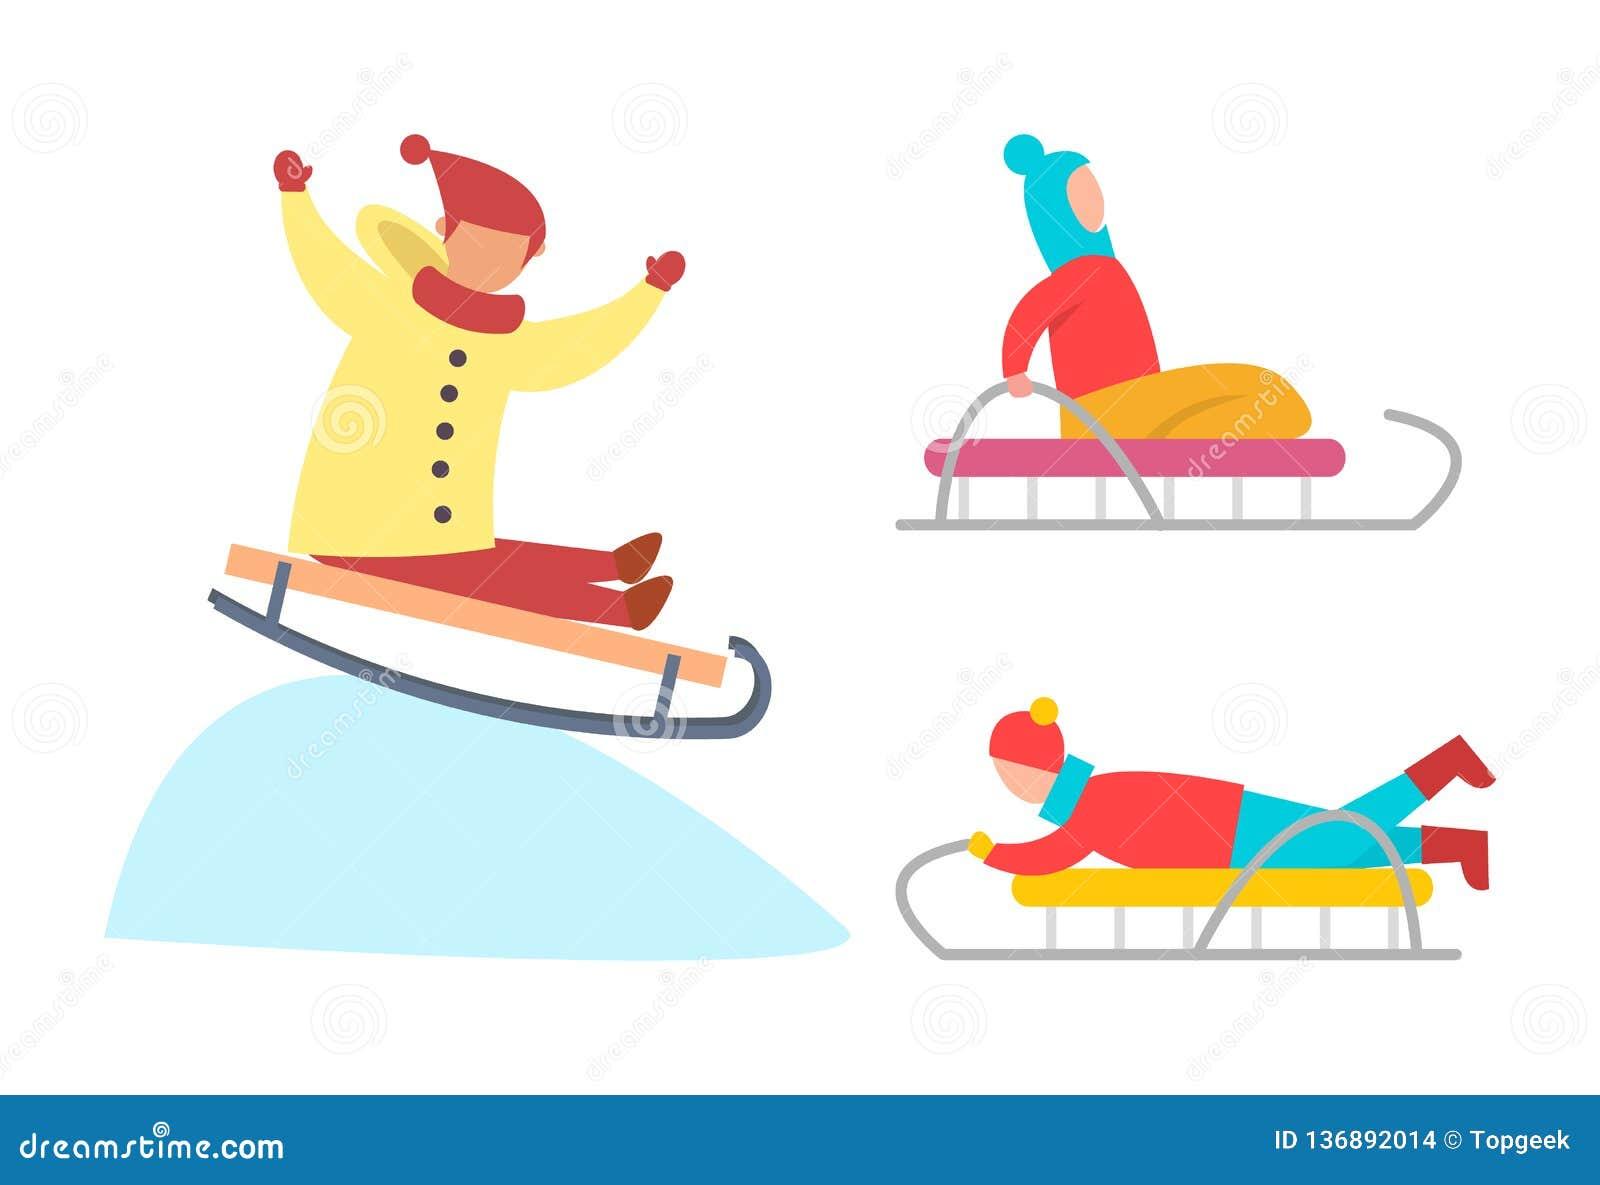 Children Sledding Down Snowy Ice Slopes Vector